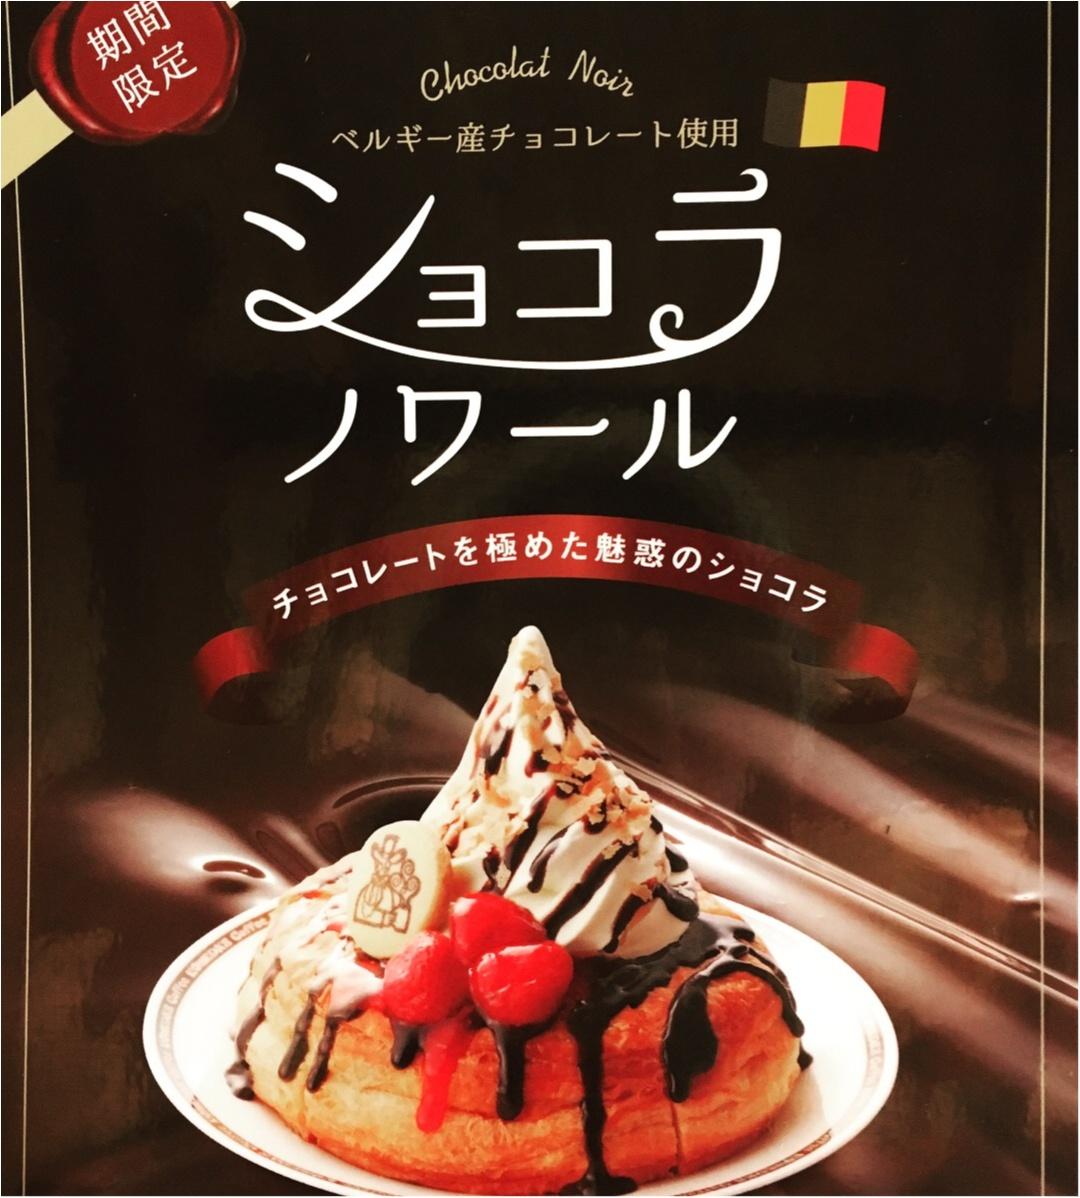 コメダ珈琲店★期間限定のショコラノワールにずっきゅーん!_2